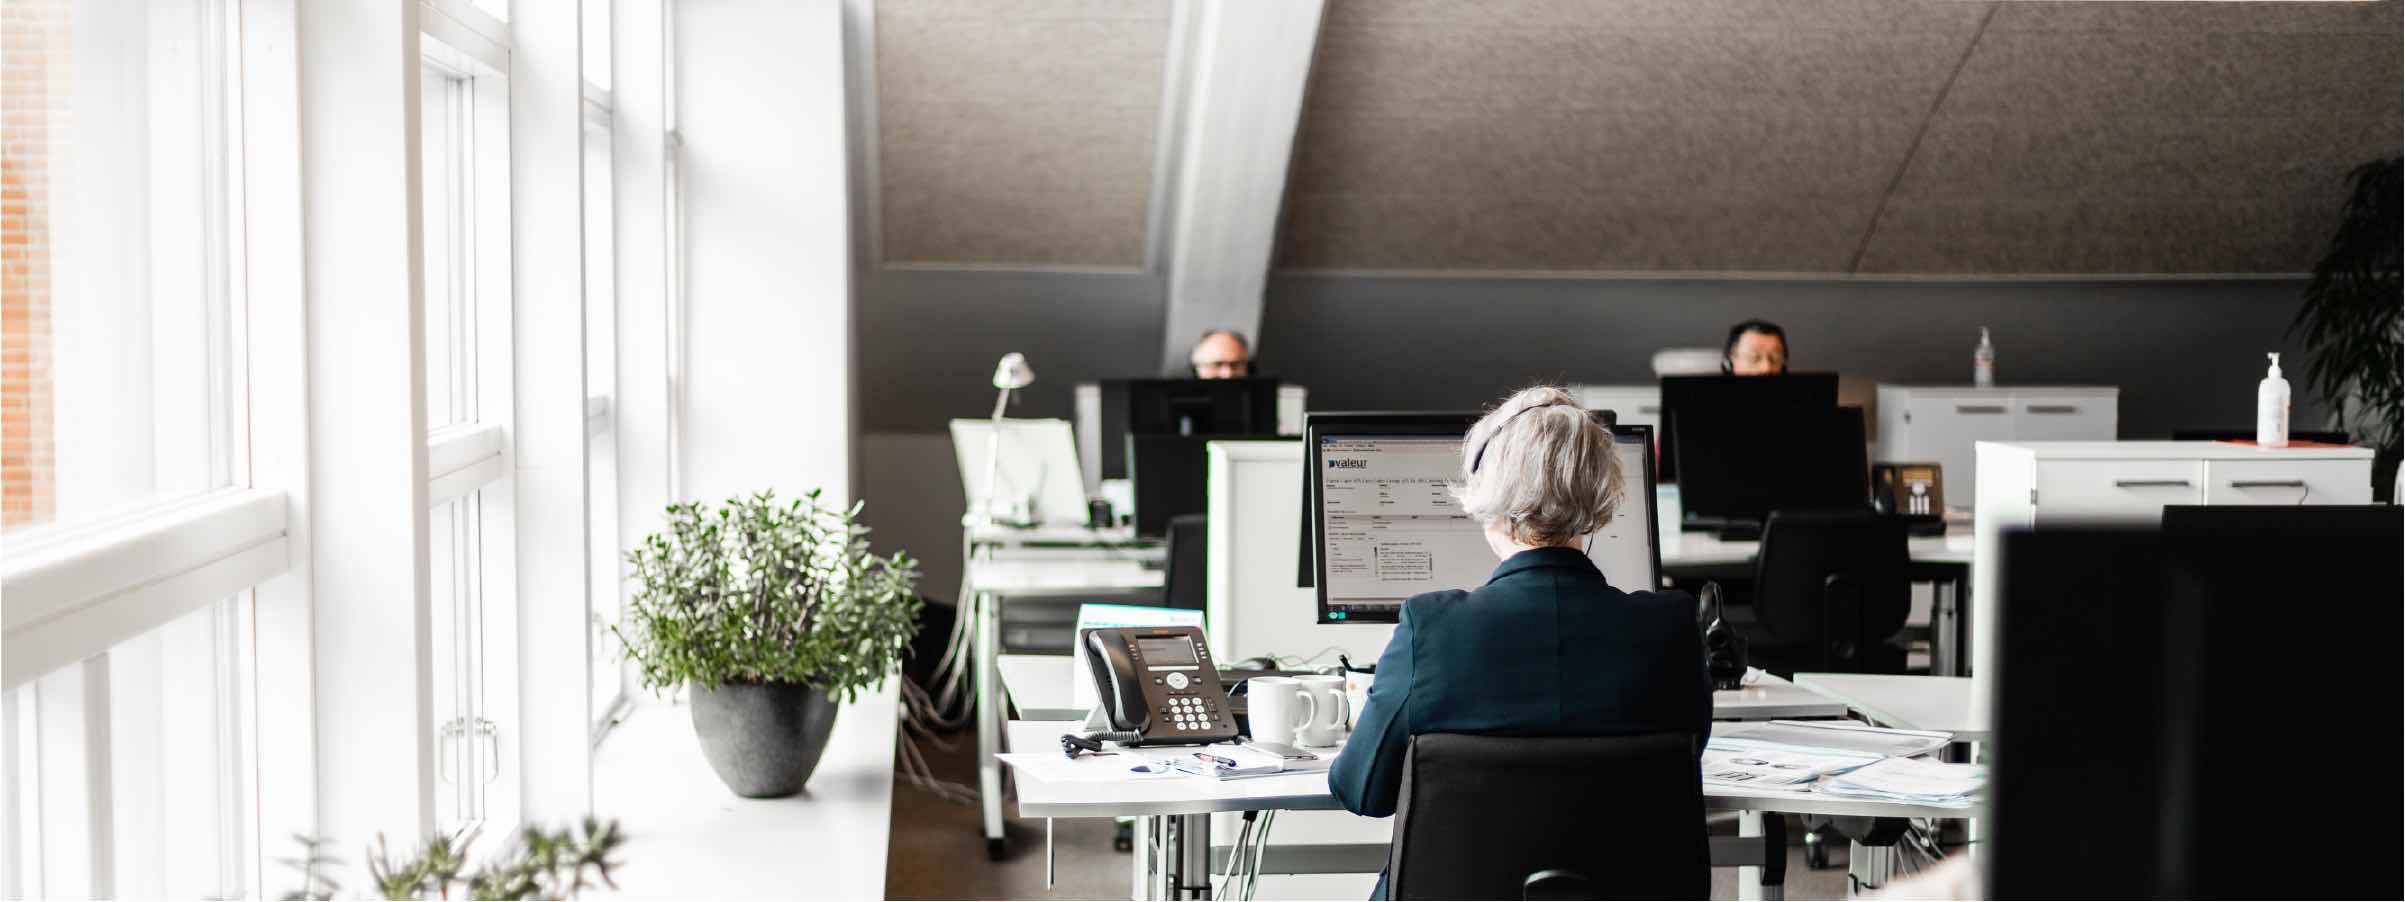 Erfarne kunderådgivere søges